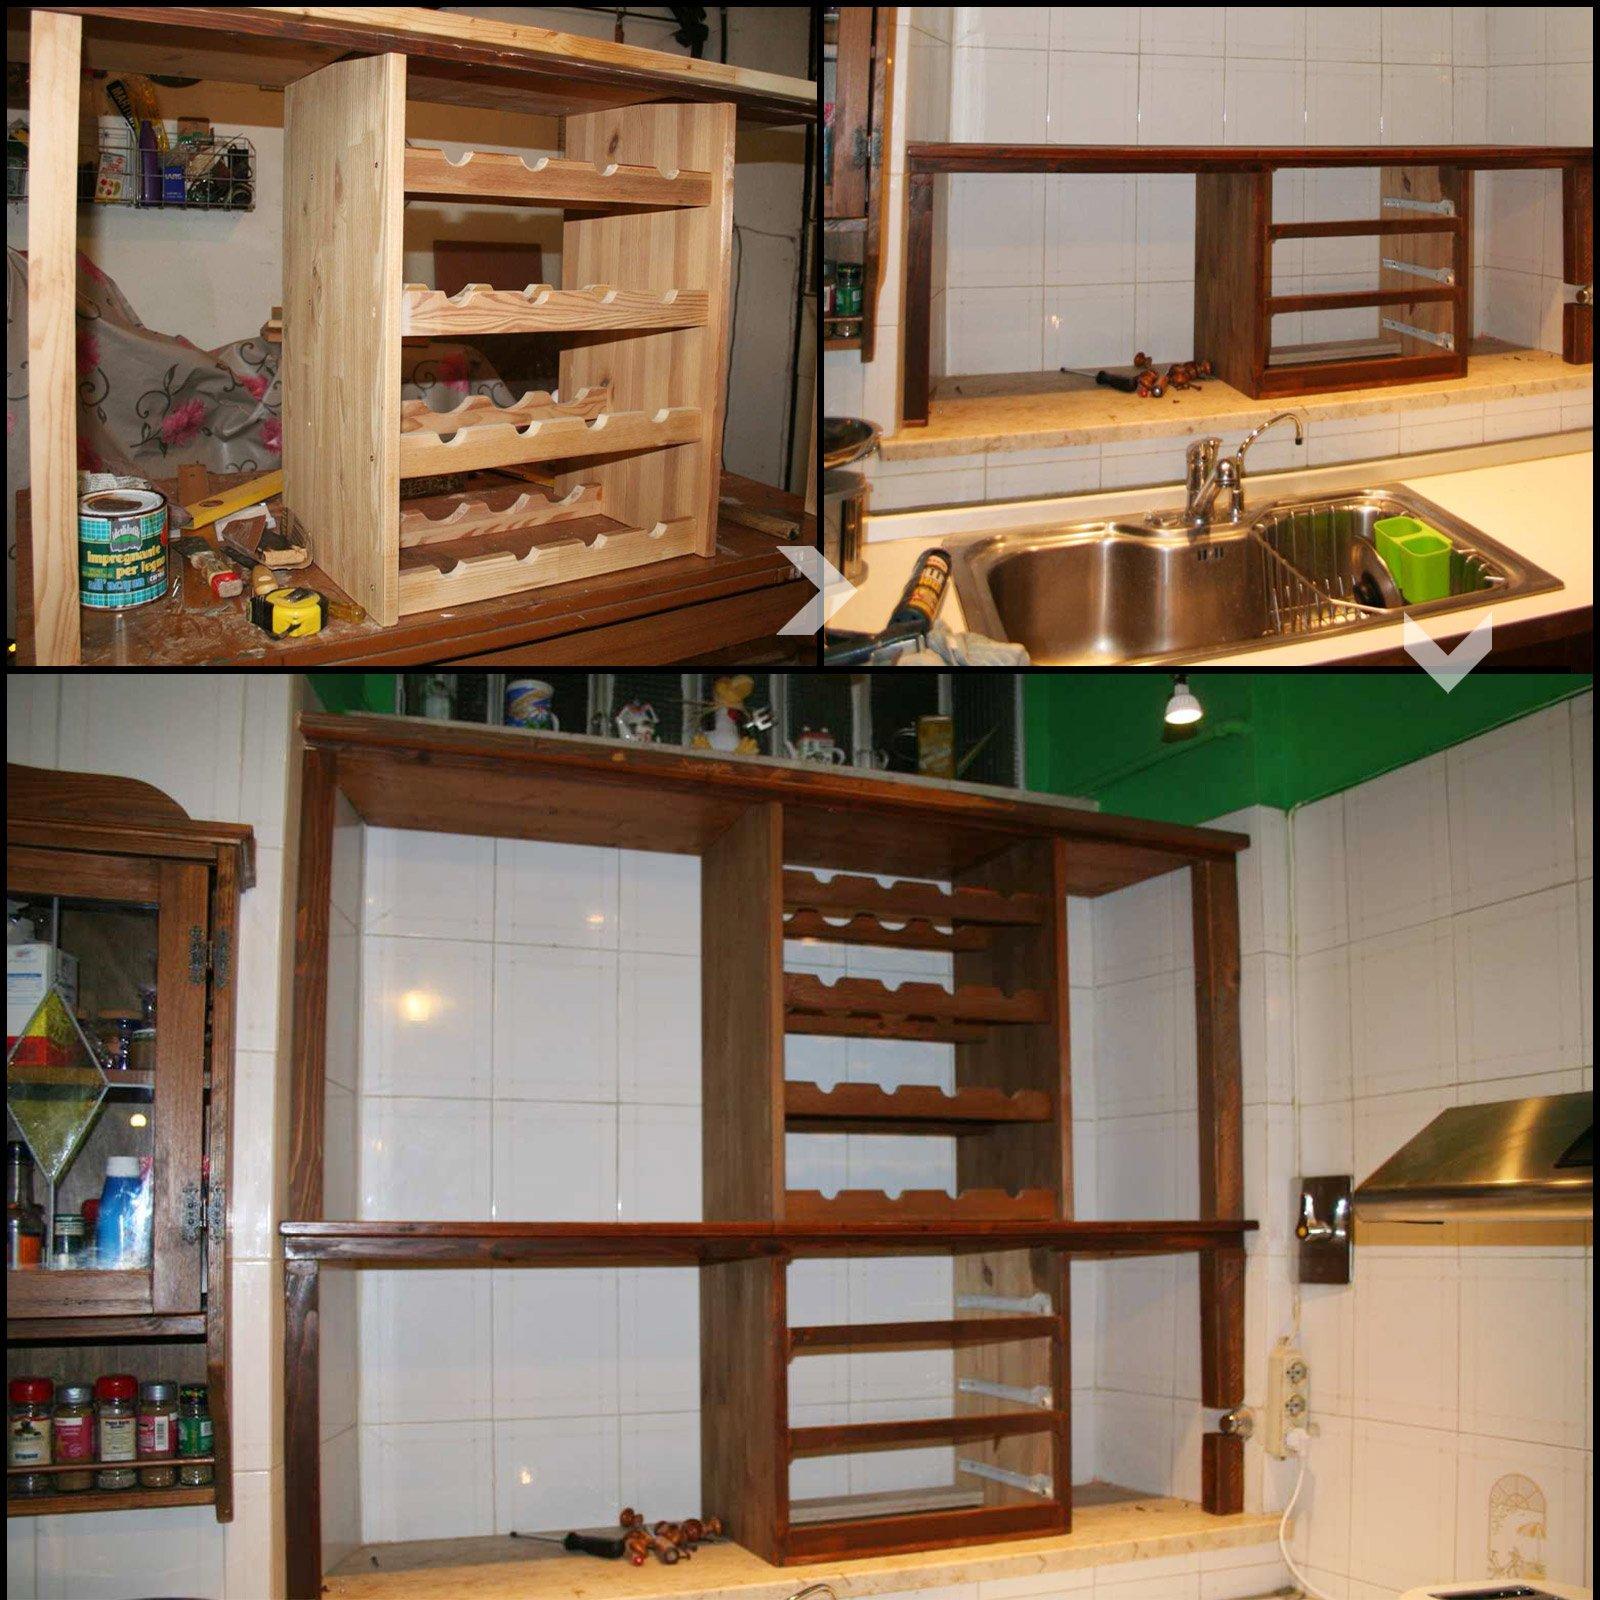 Il mobile cucina che sfrutta la nicchia cose di casa - Mobili per cucine in muratura fai da te ...